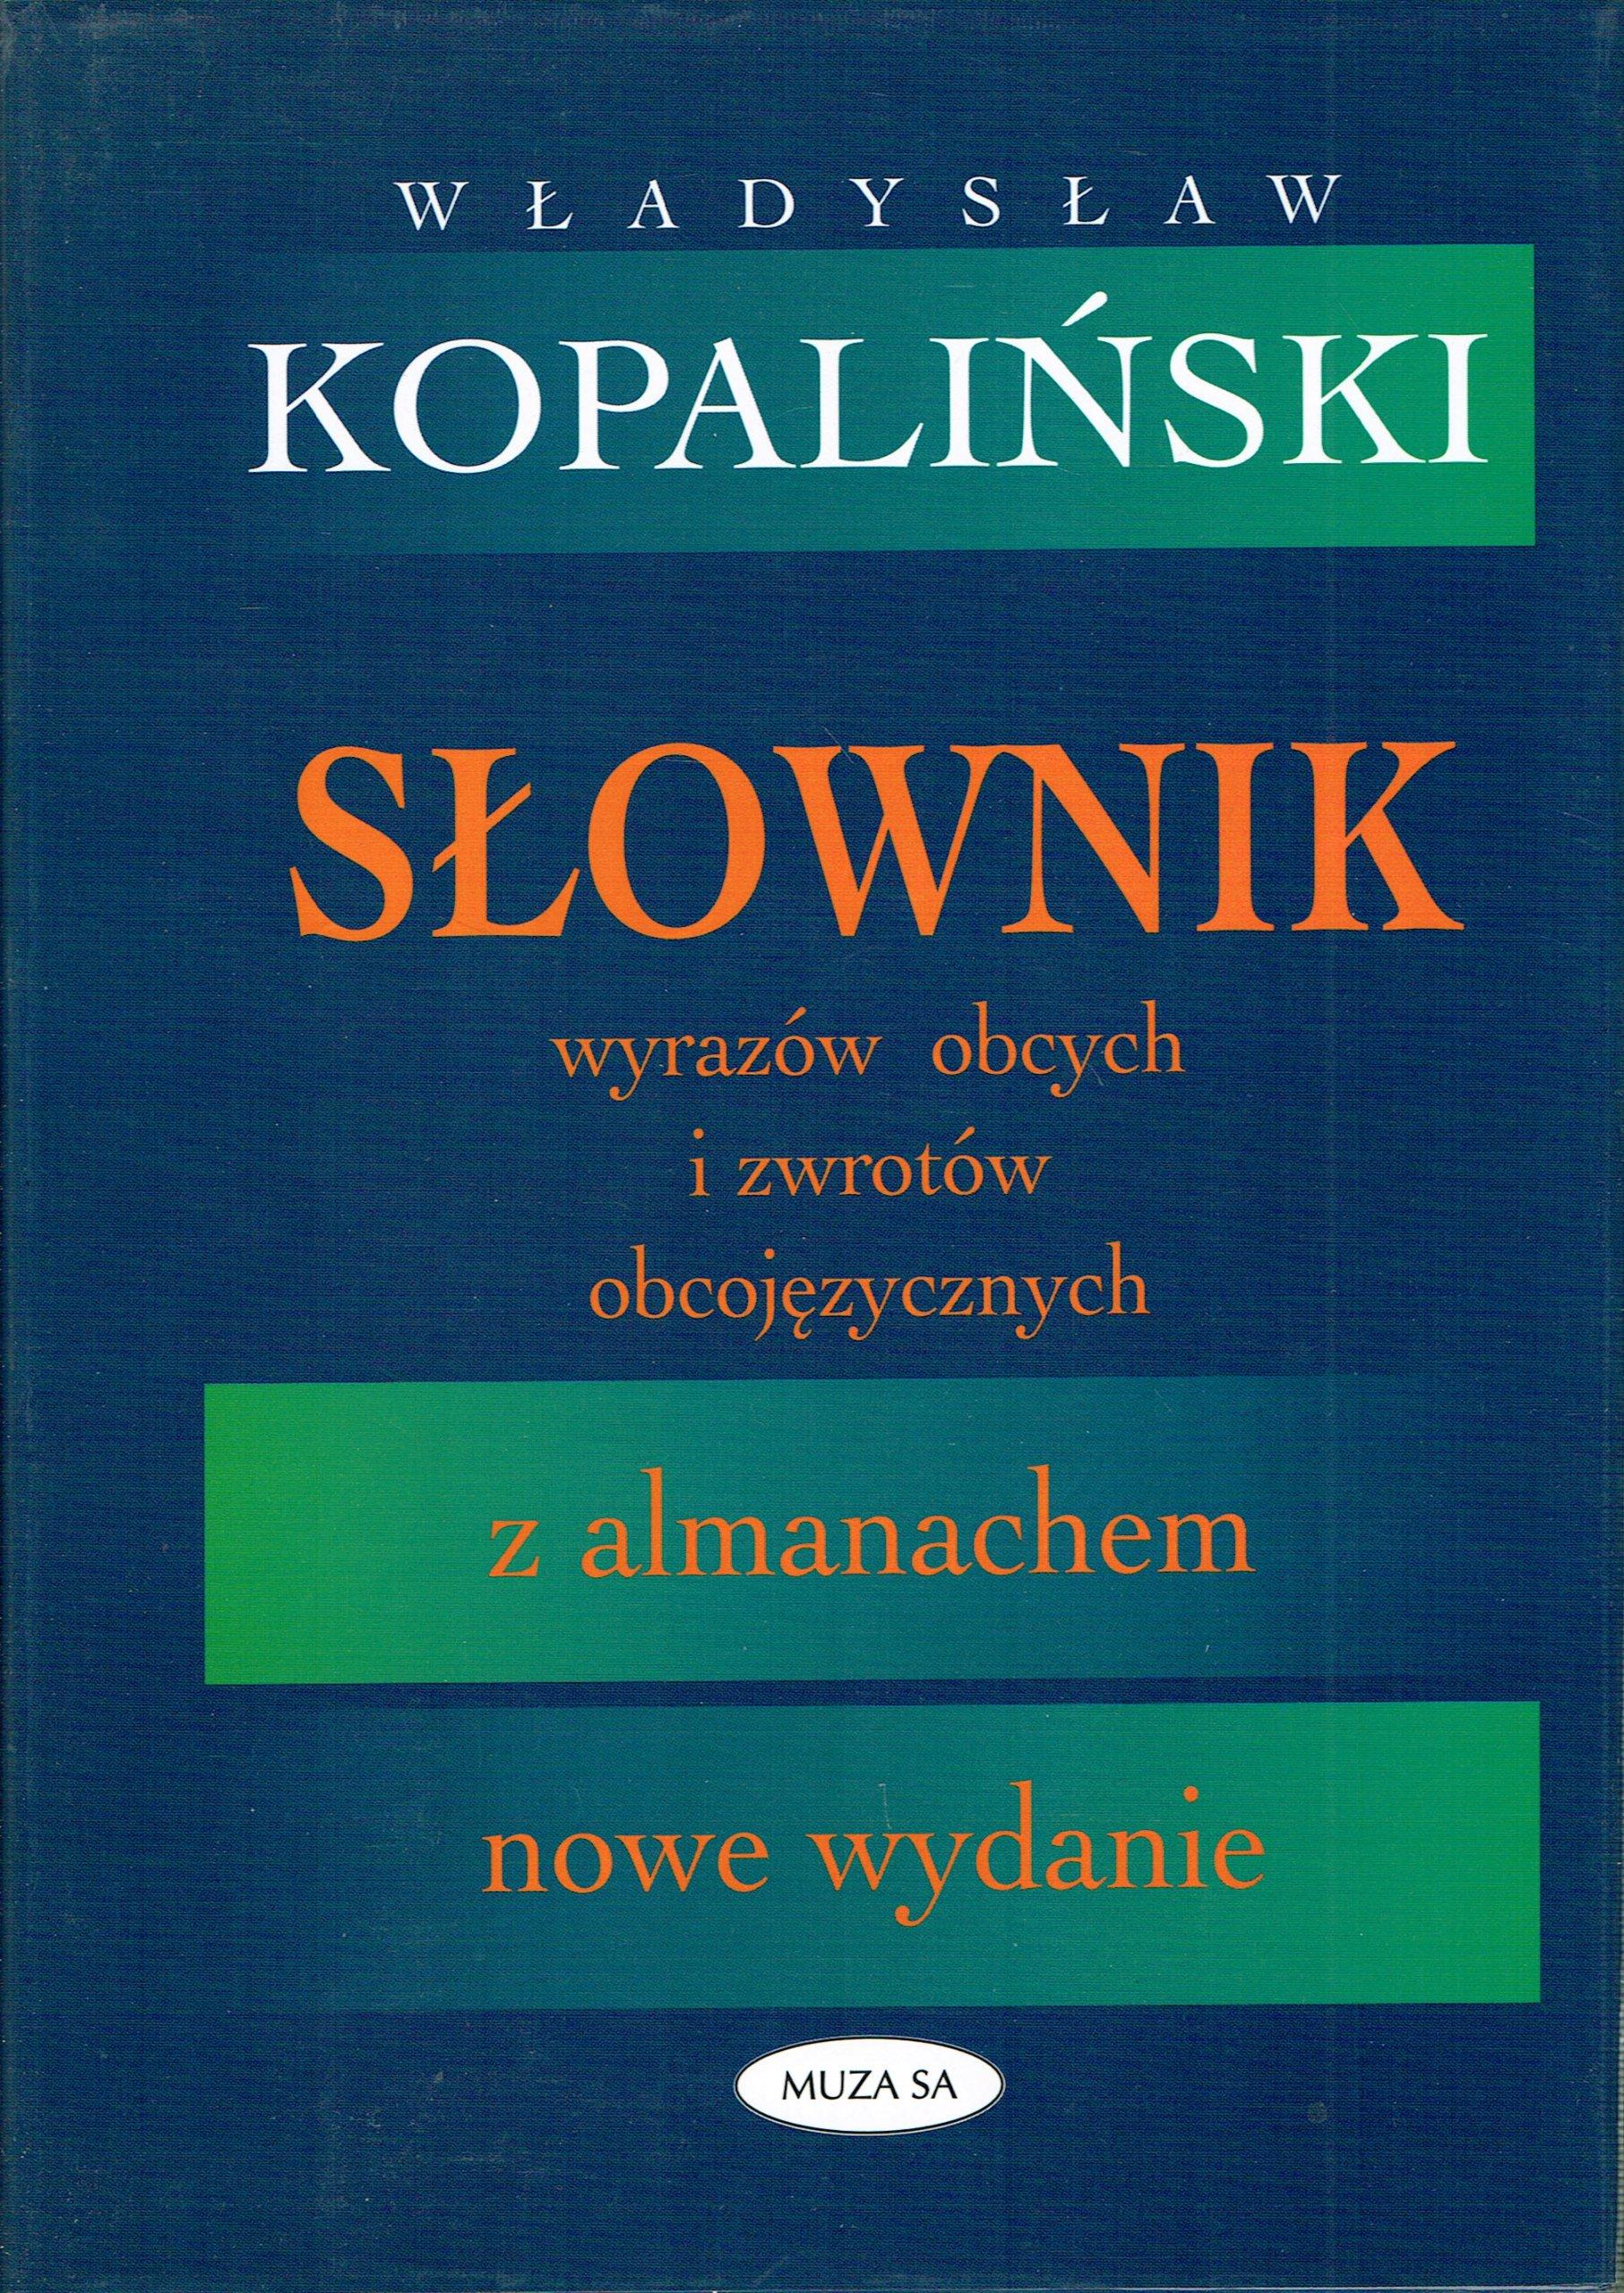 Slownik Wyrazow Obcych I Zwrotow Kopalinski 38d 7225781176 Allegro Pl